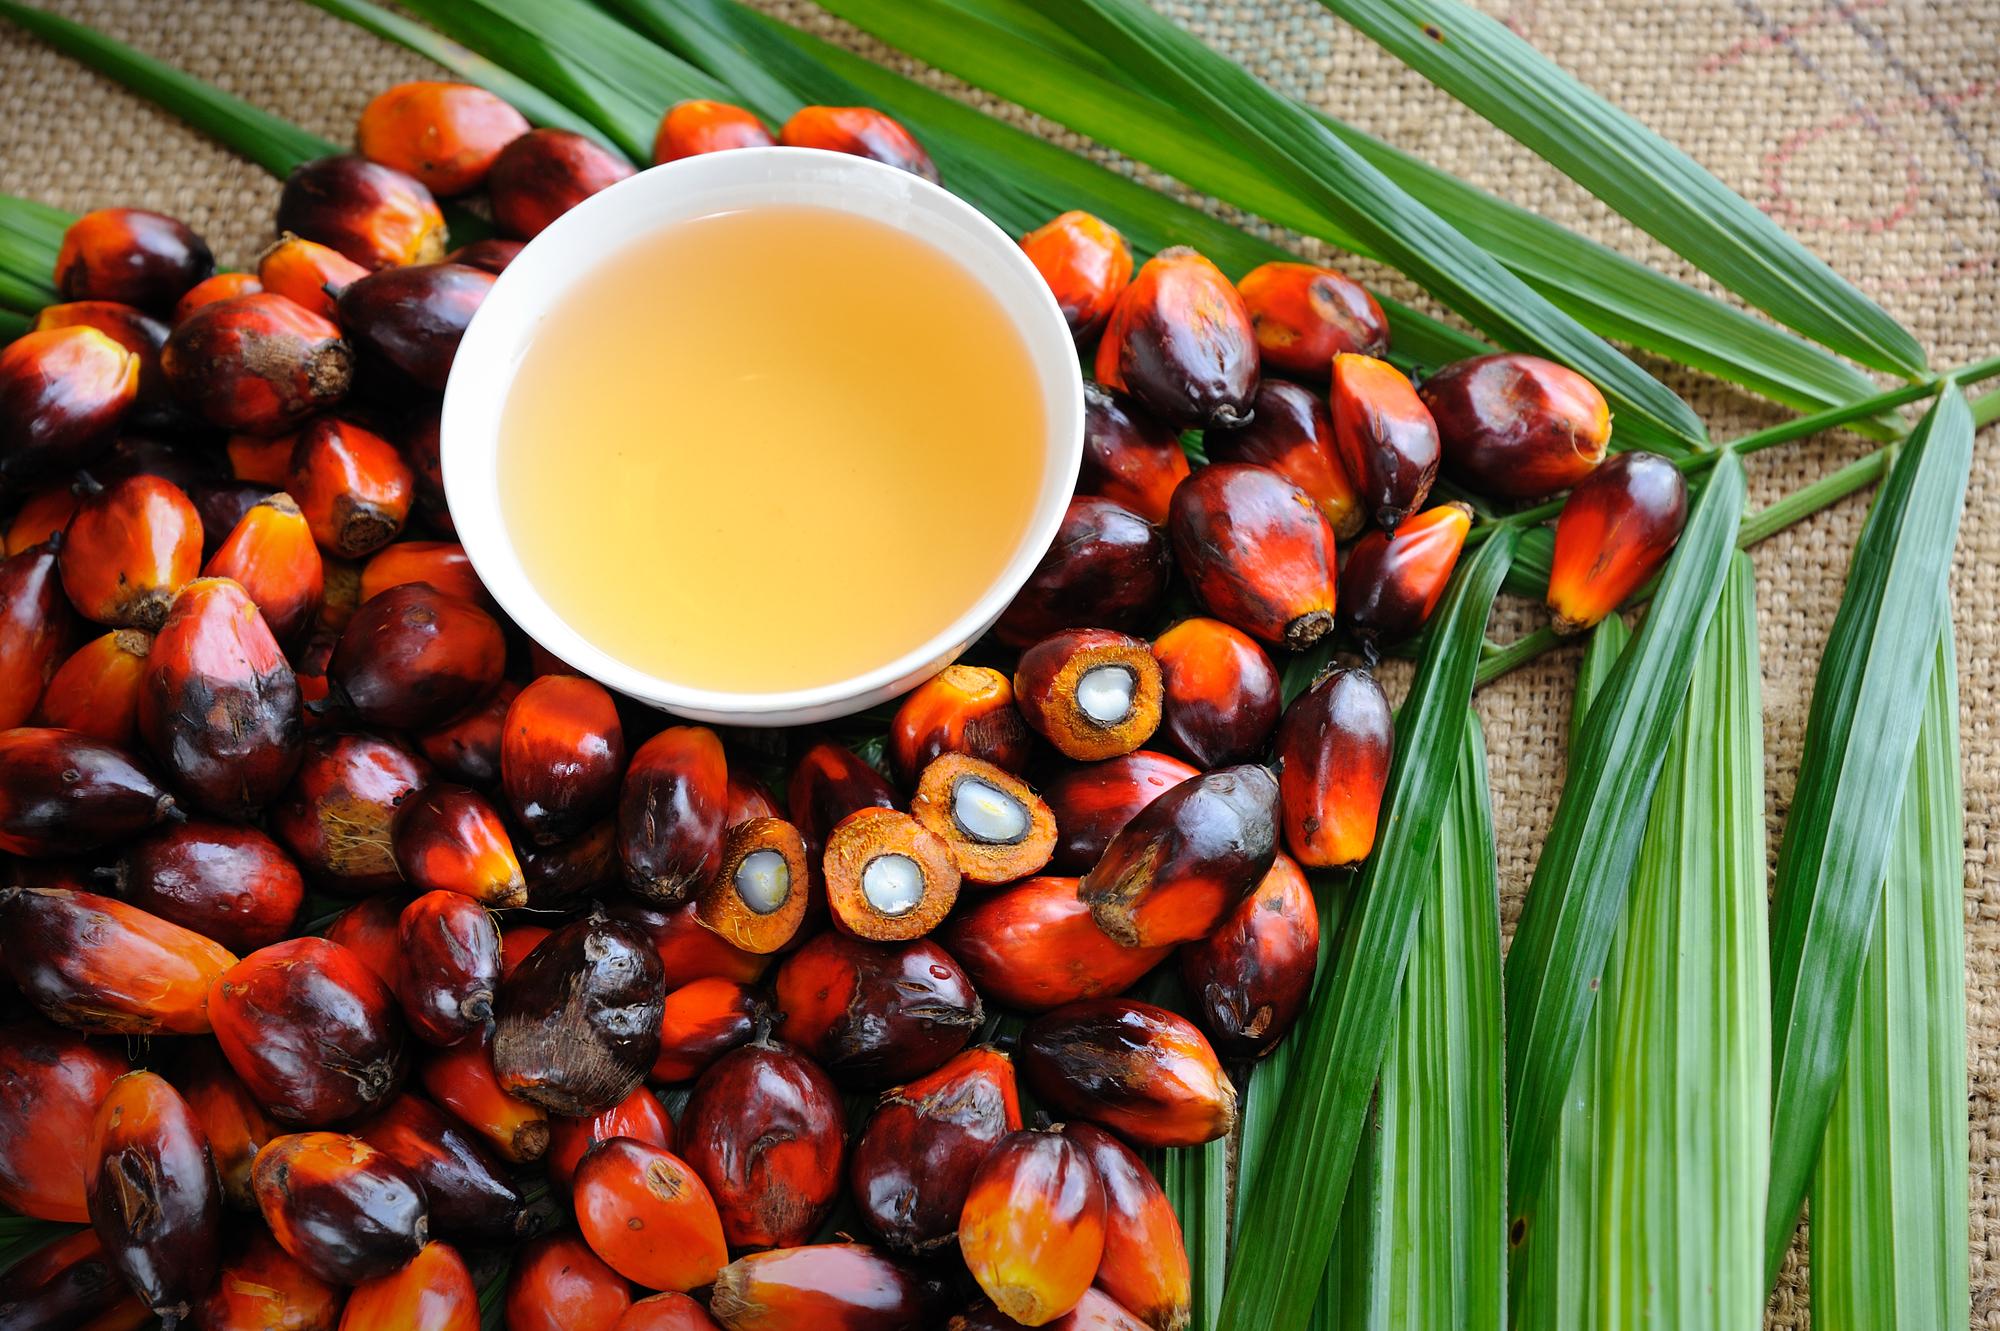 Ульяна Супрун рассказала, что следует знать о пальмовом масле